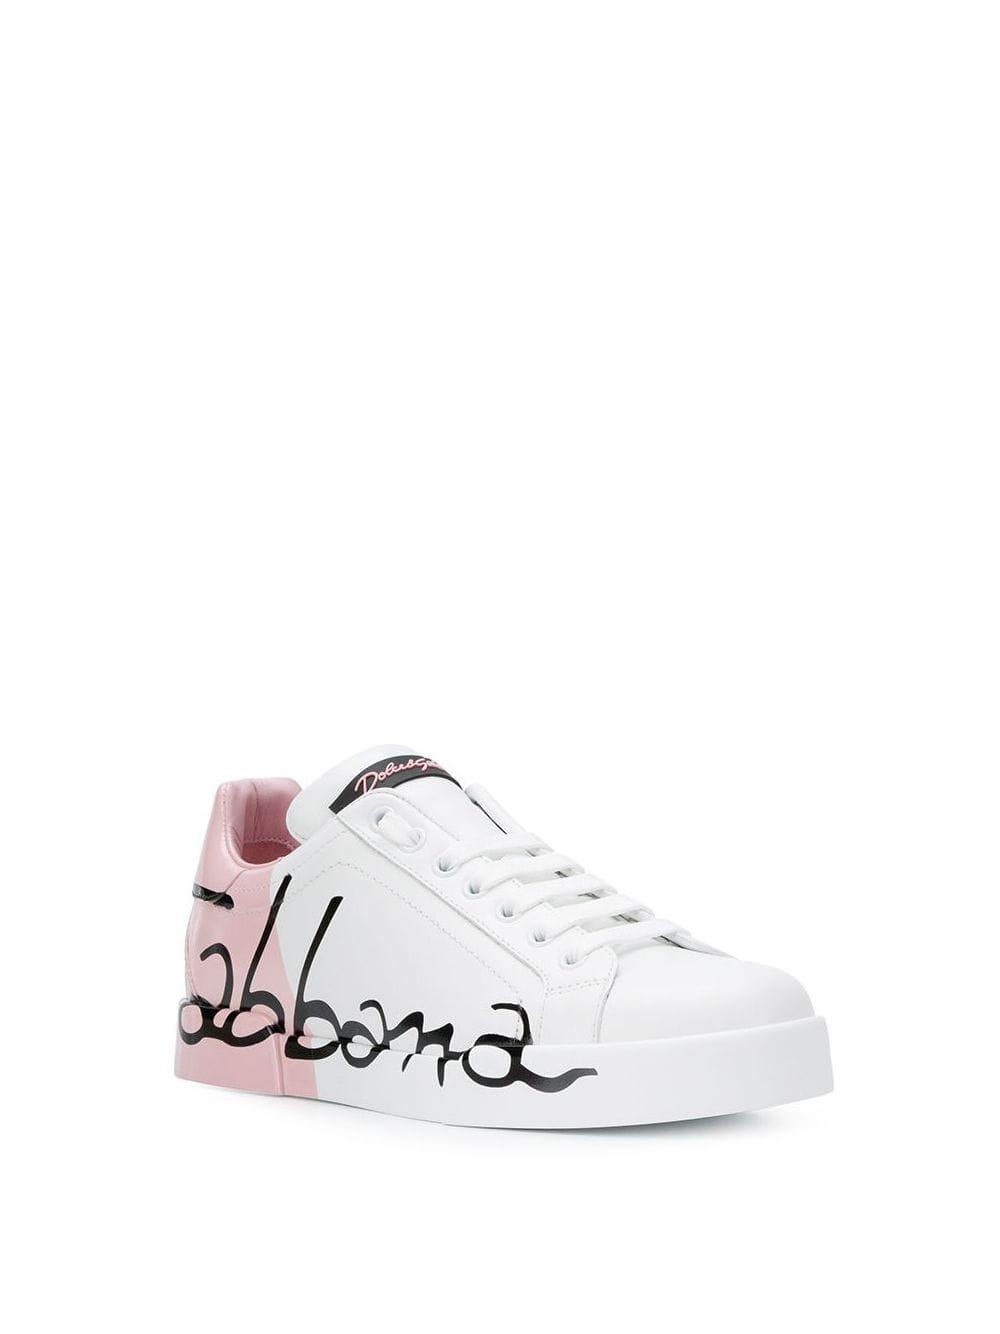 Zapatillas Portofino Dolce & Gabbana de Cuero de color Blanco